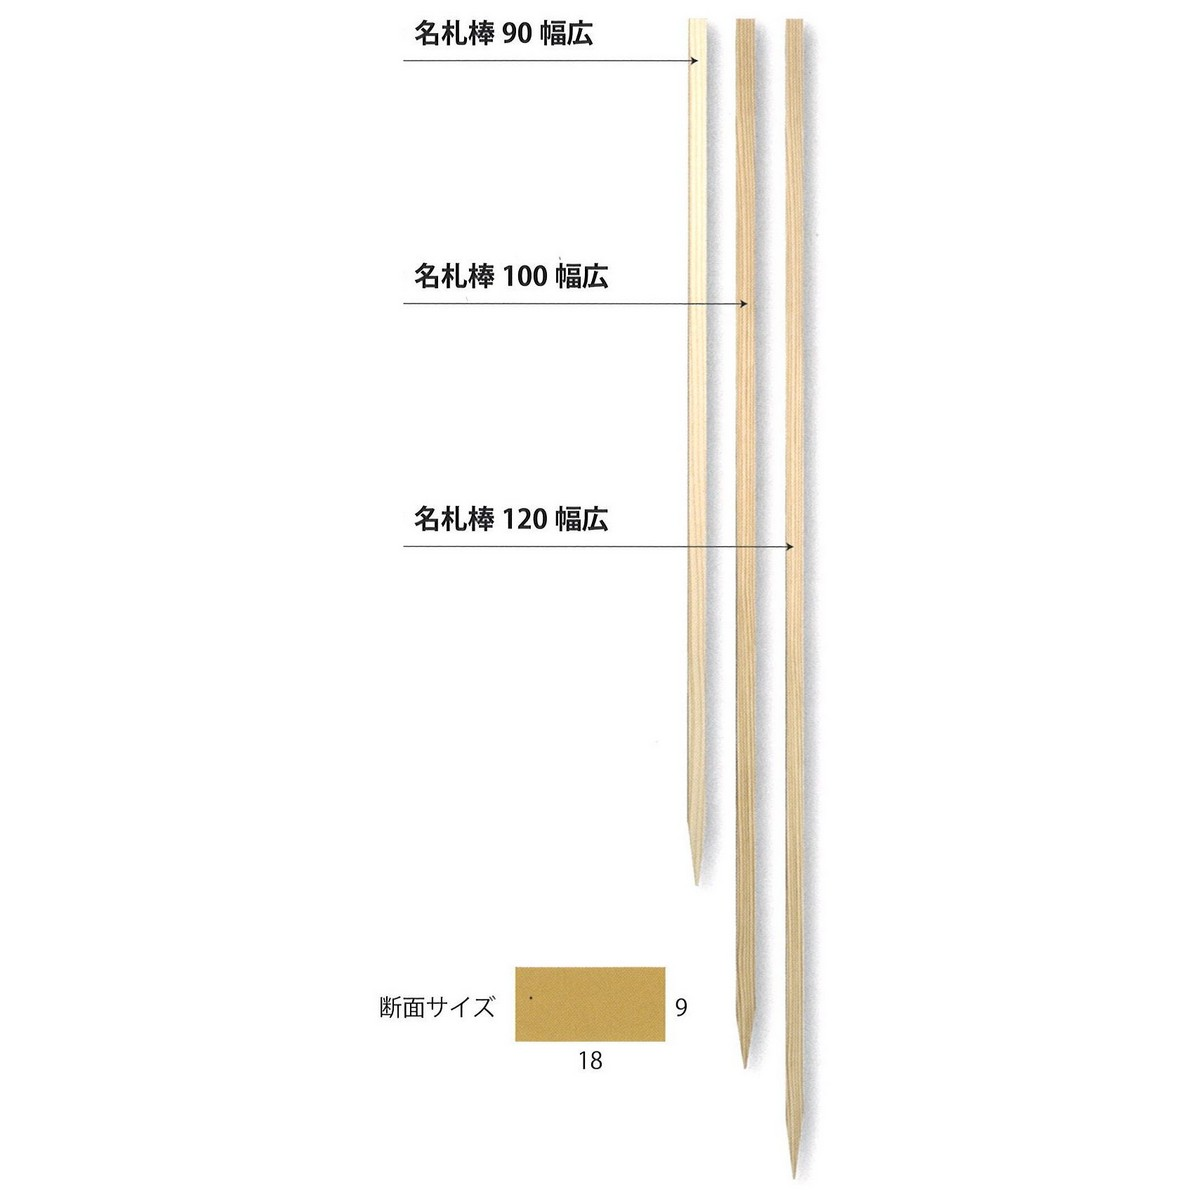 HOSHINO/名札棒 120cm 幅広タイプ/339227【01】【取寄】[50本]